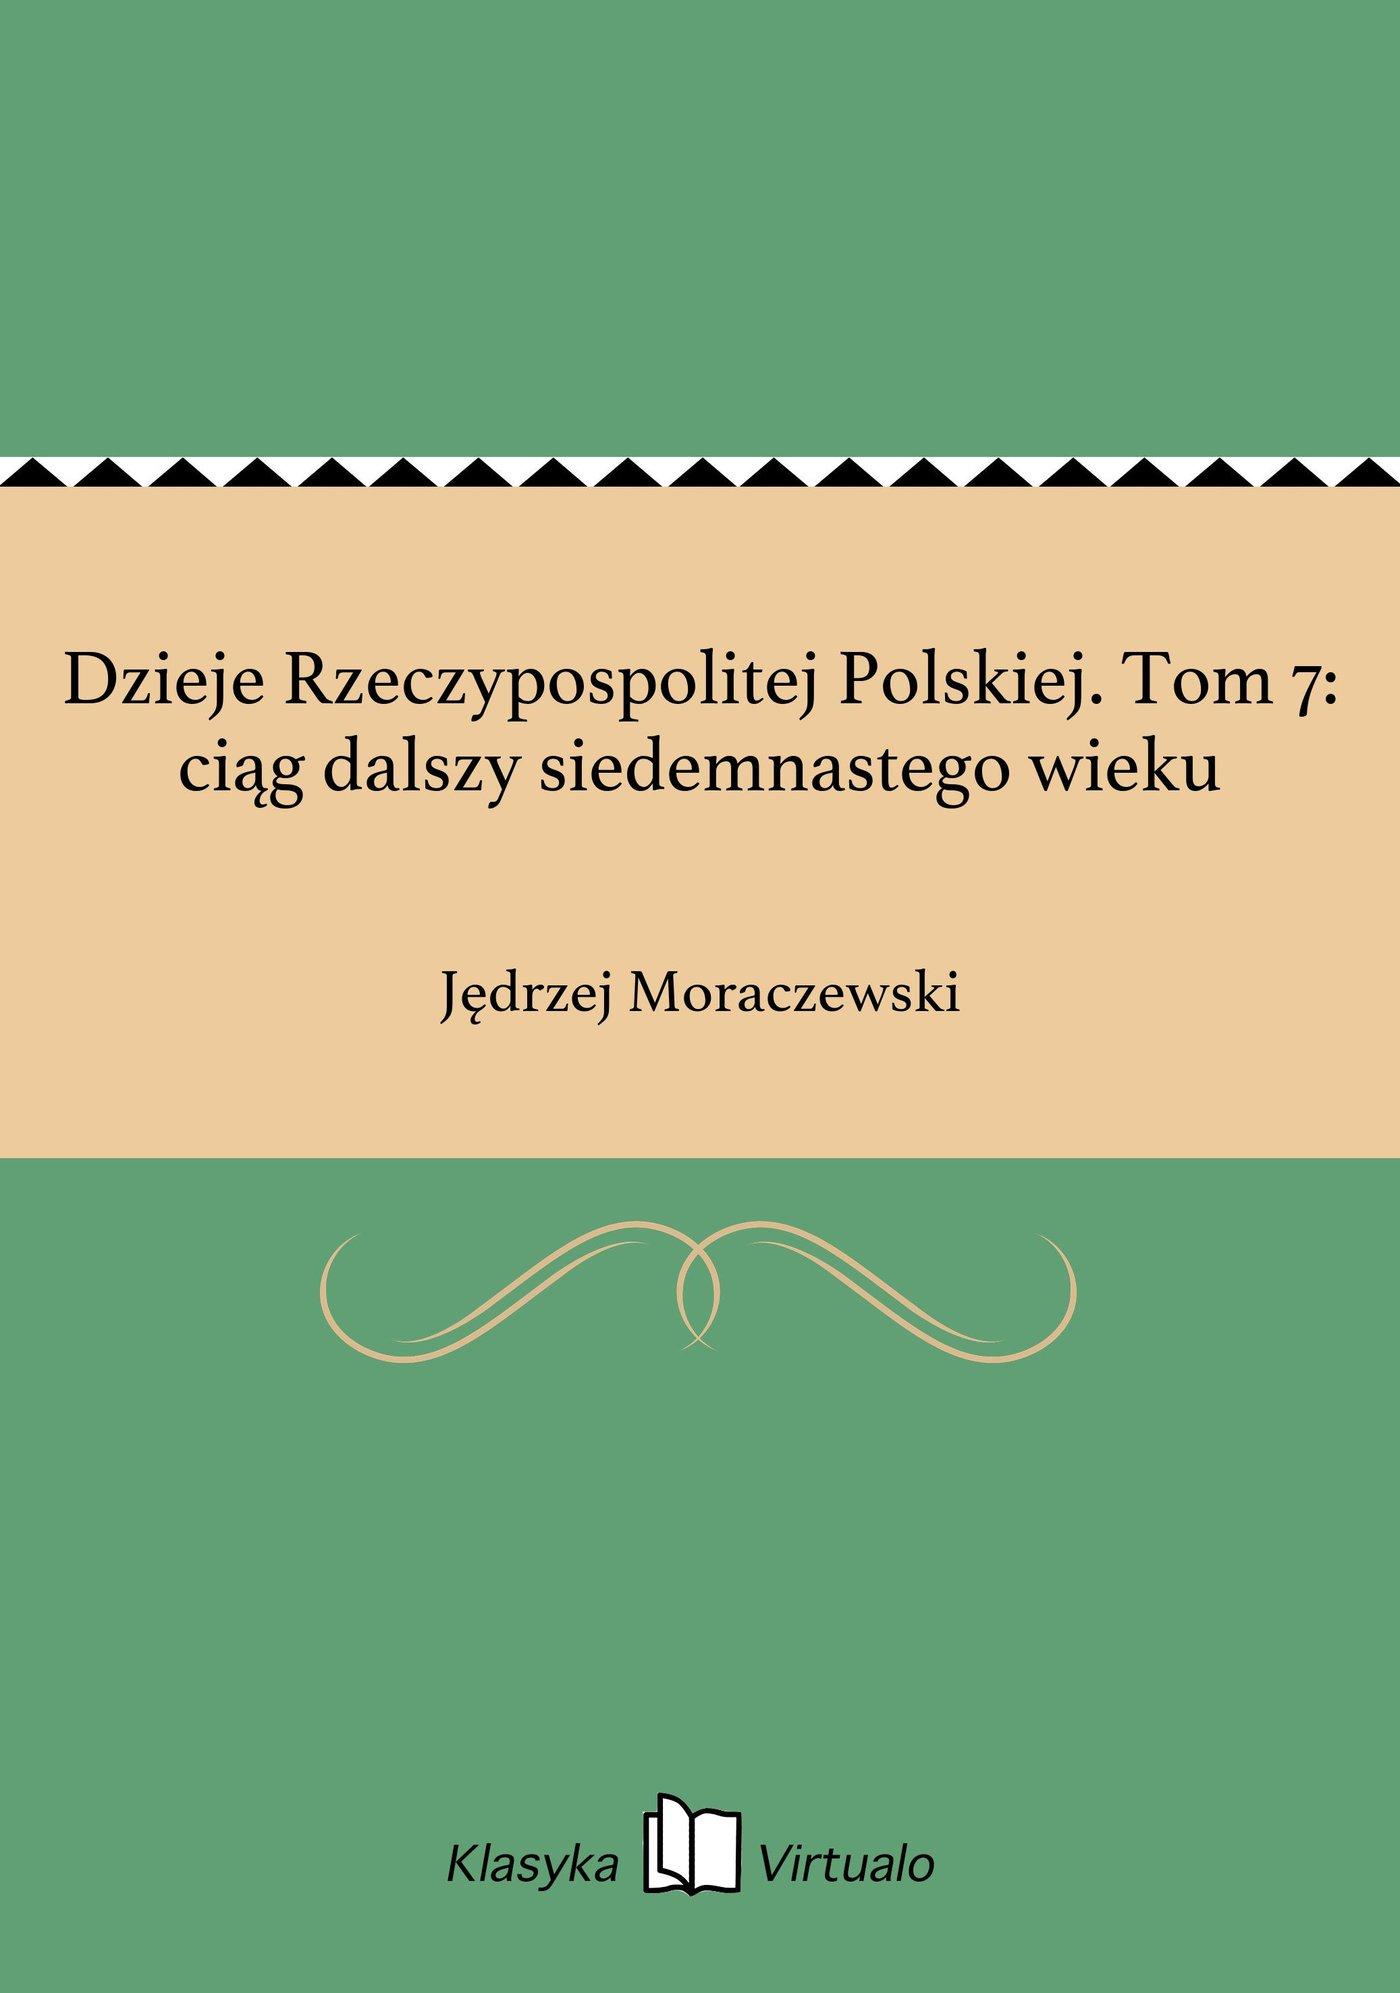 Dzieje Rzeczypospolitej Polskiej. Tom 7: ciąg dalszy siedemnastego wieku - Ebook (Książka EPUB) do pobrania w formacie EPUB